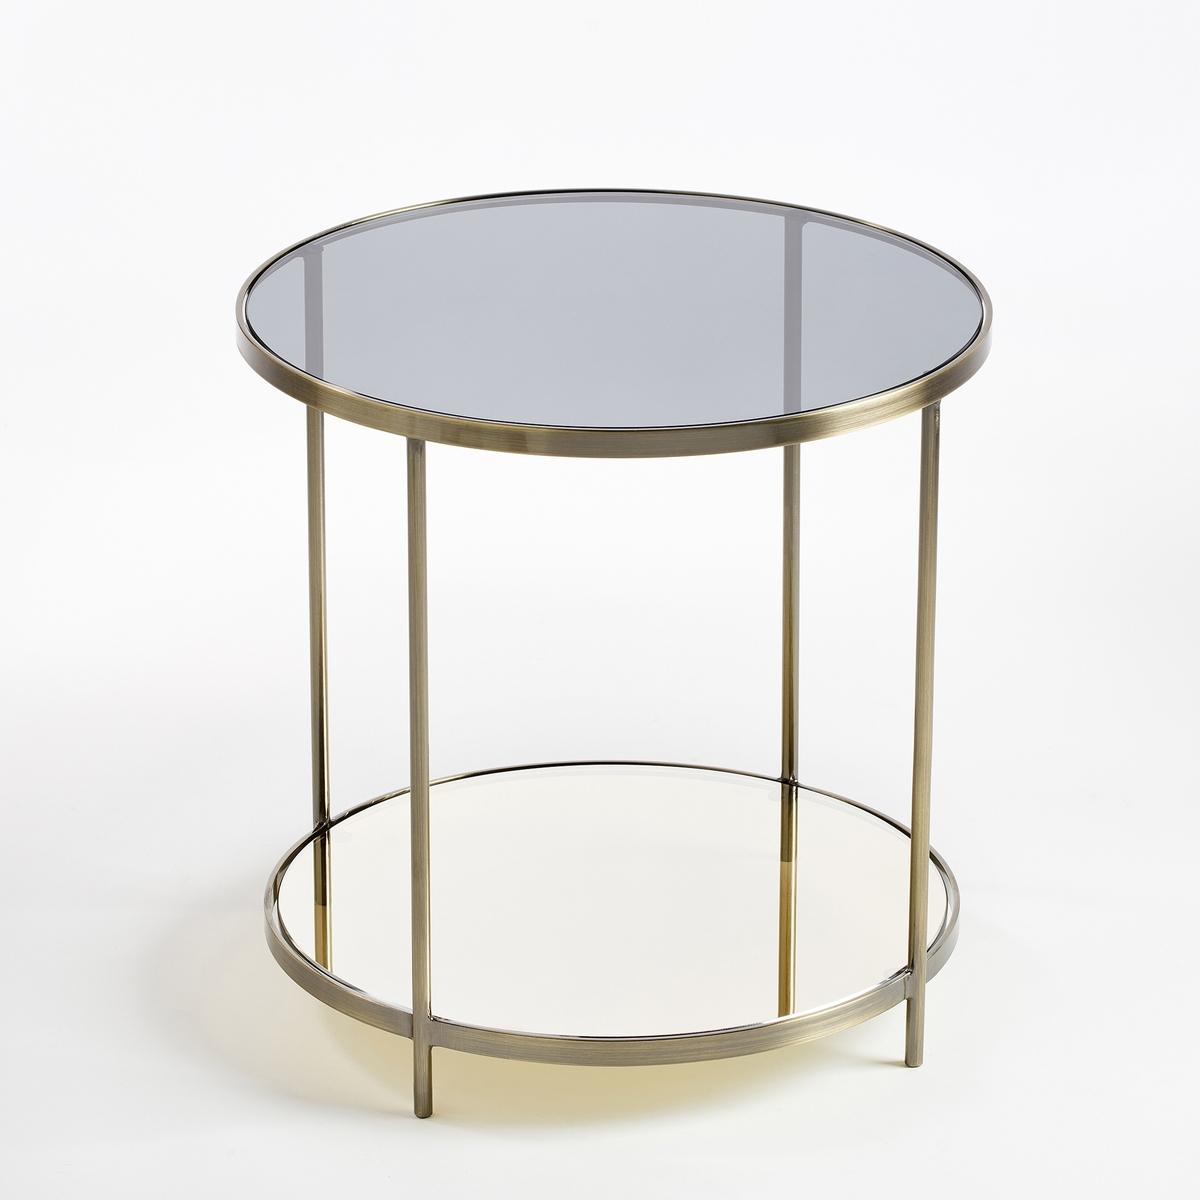 Столик диванный UlupnaХарактеристики :- Каркас из металла с отделкой из латуни с эффектом старения- Верхняя столешница из дымчатого стекла- Нижняя столешница из зеркала- Поставляется в собранном видеРазмеры : - диаметр 40 x высота 40 см Размеры и вес упаковки : - Ш.47,5 x В.51,5 x Г.47,5 см, 9,45 кг<br><br>Цвет: старинная латунь<br>Размер: единый размер